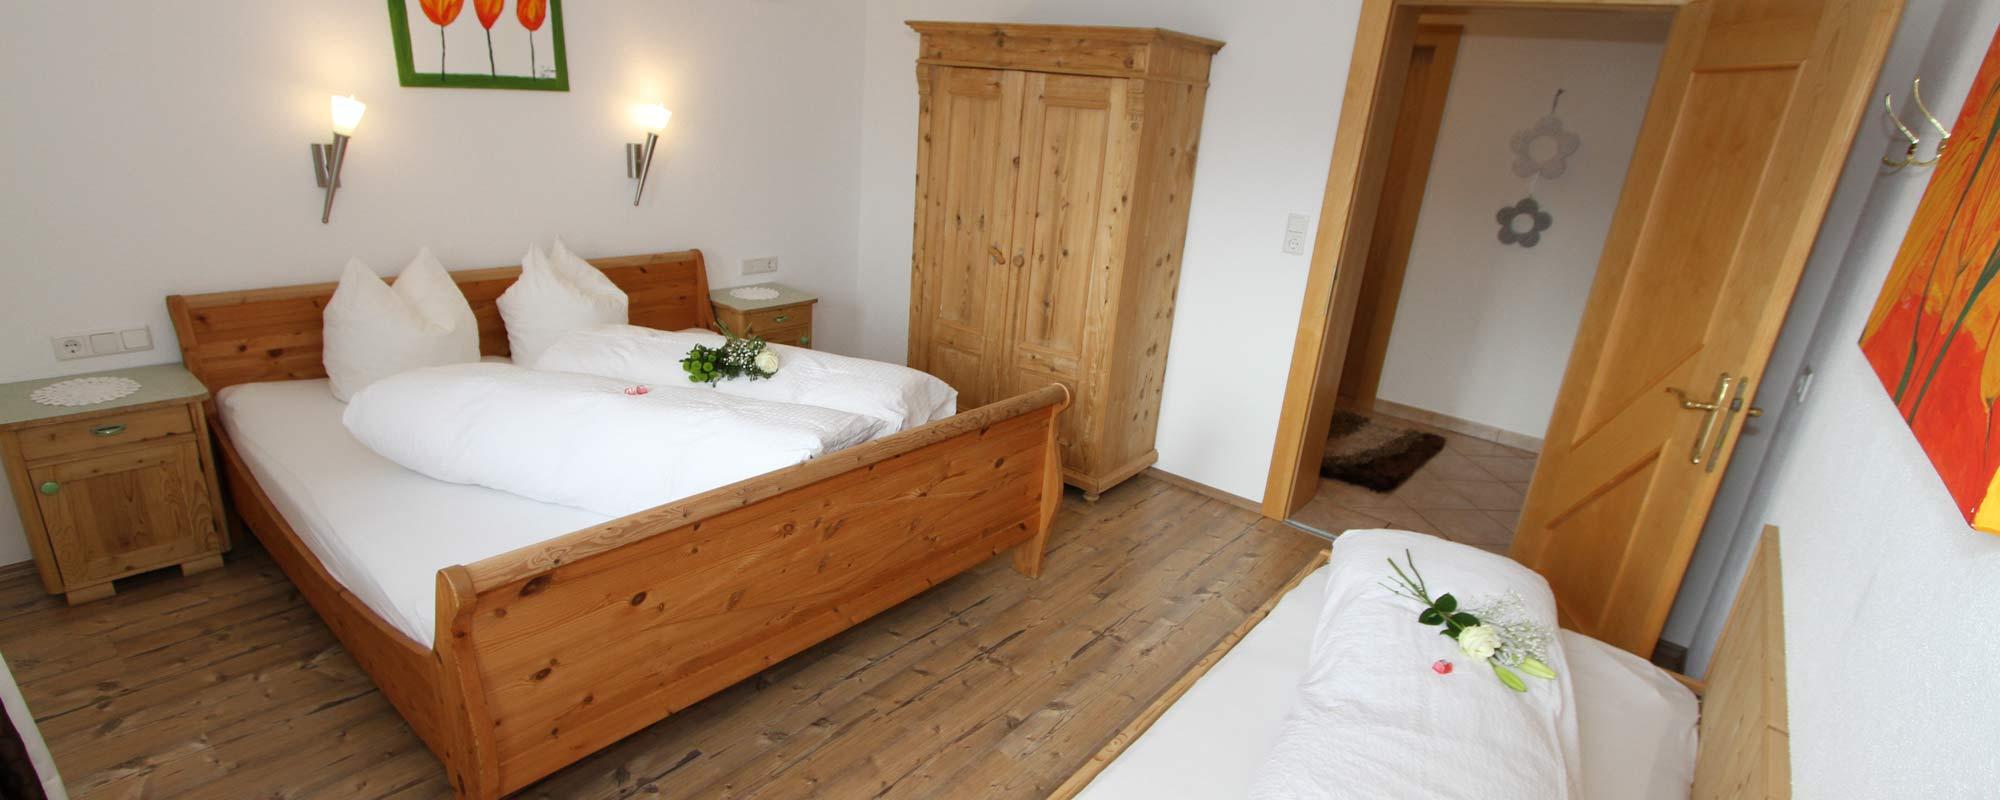 Apartment Sonnenschein Schlafzimmer 1 3p Zimmer in Holzoptik